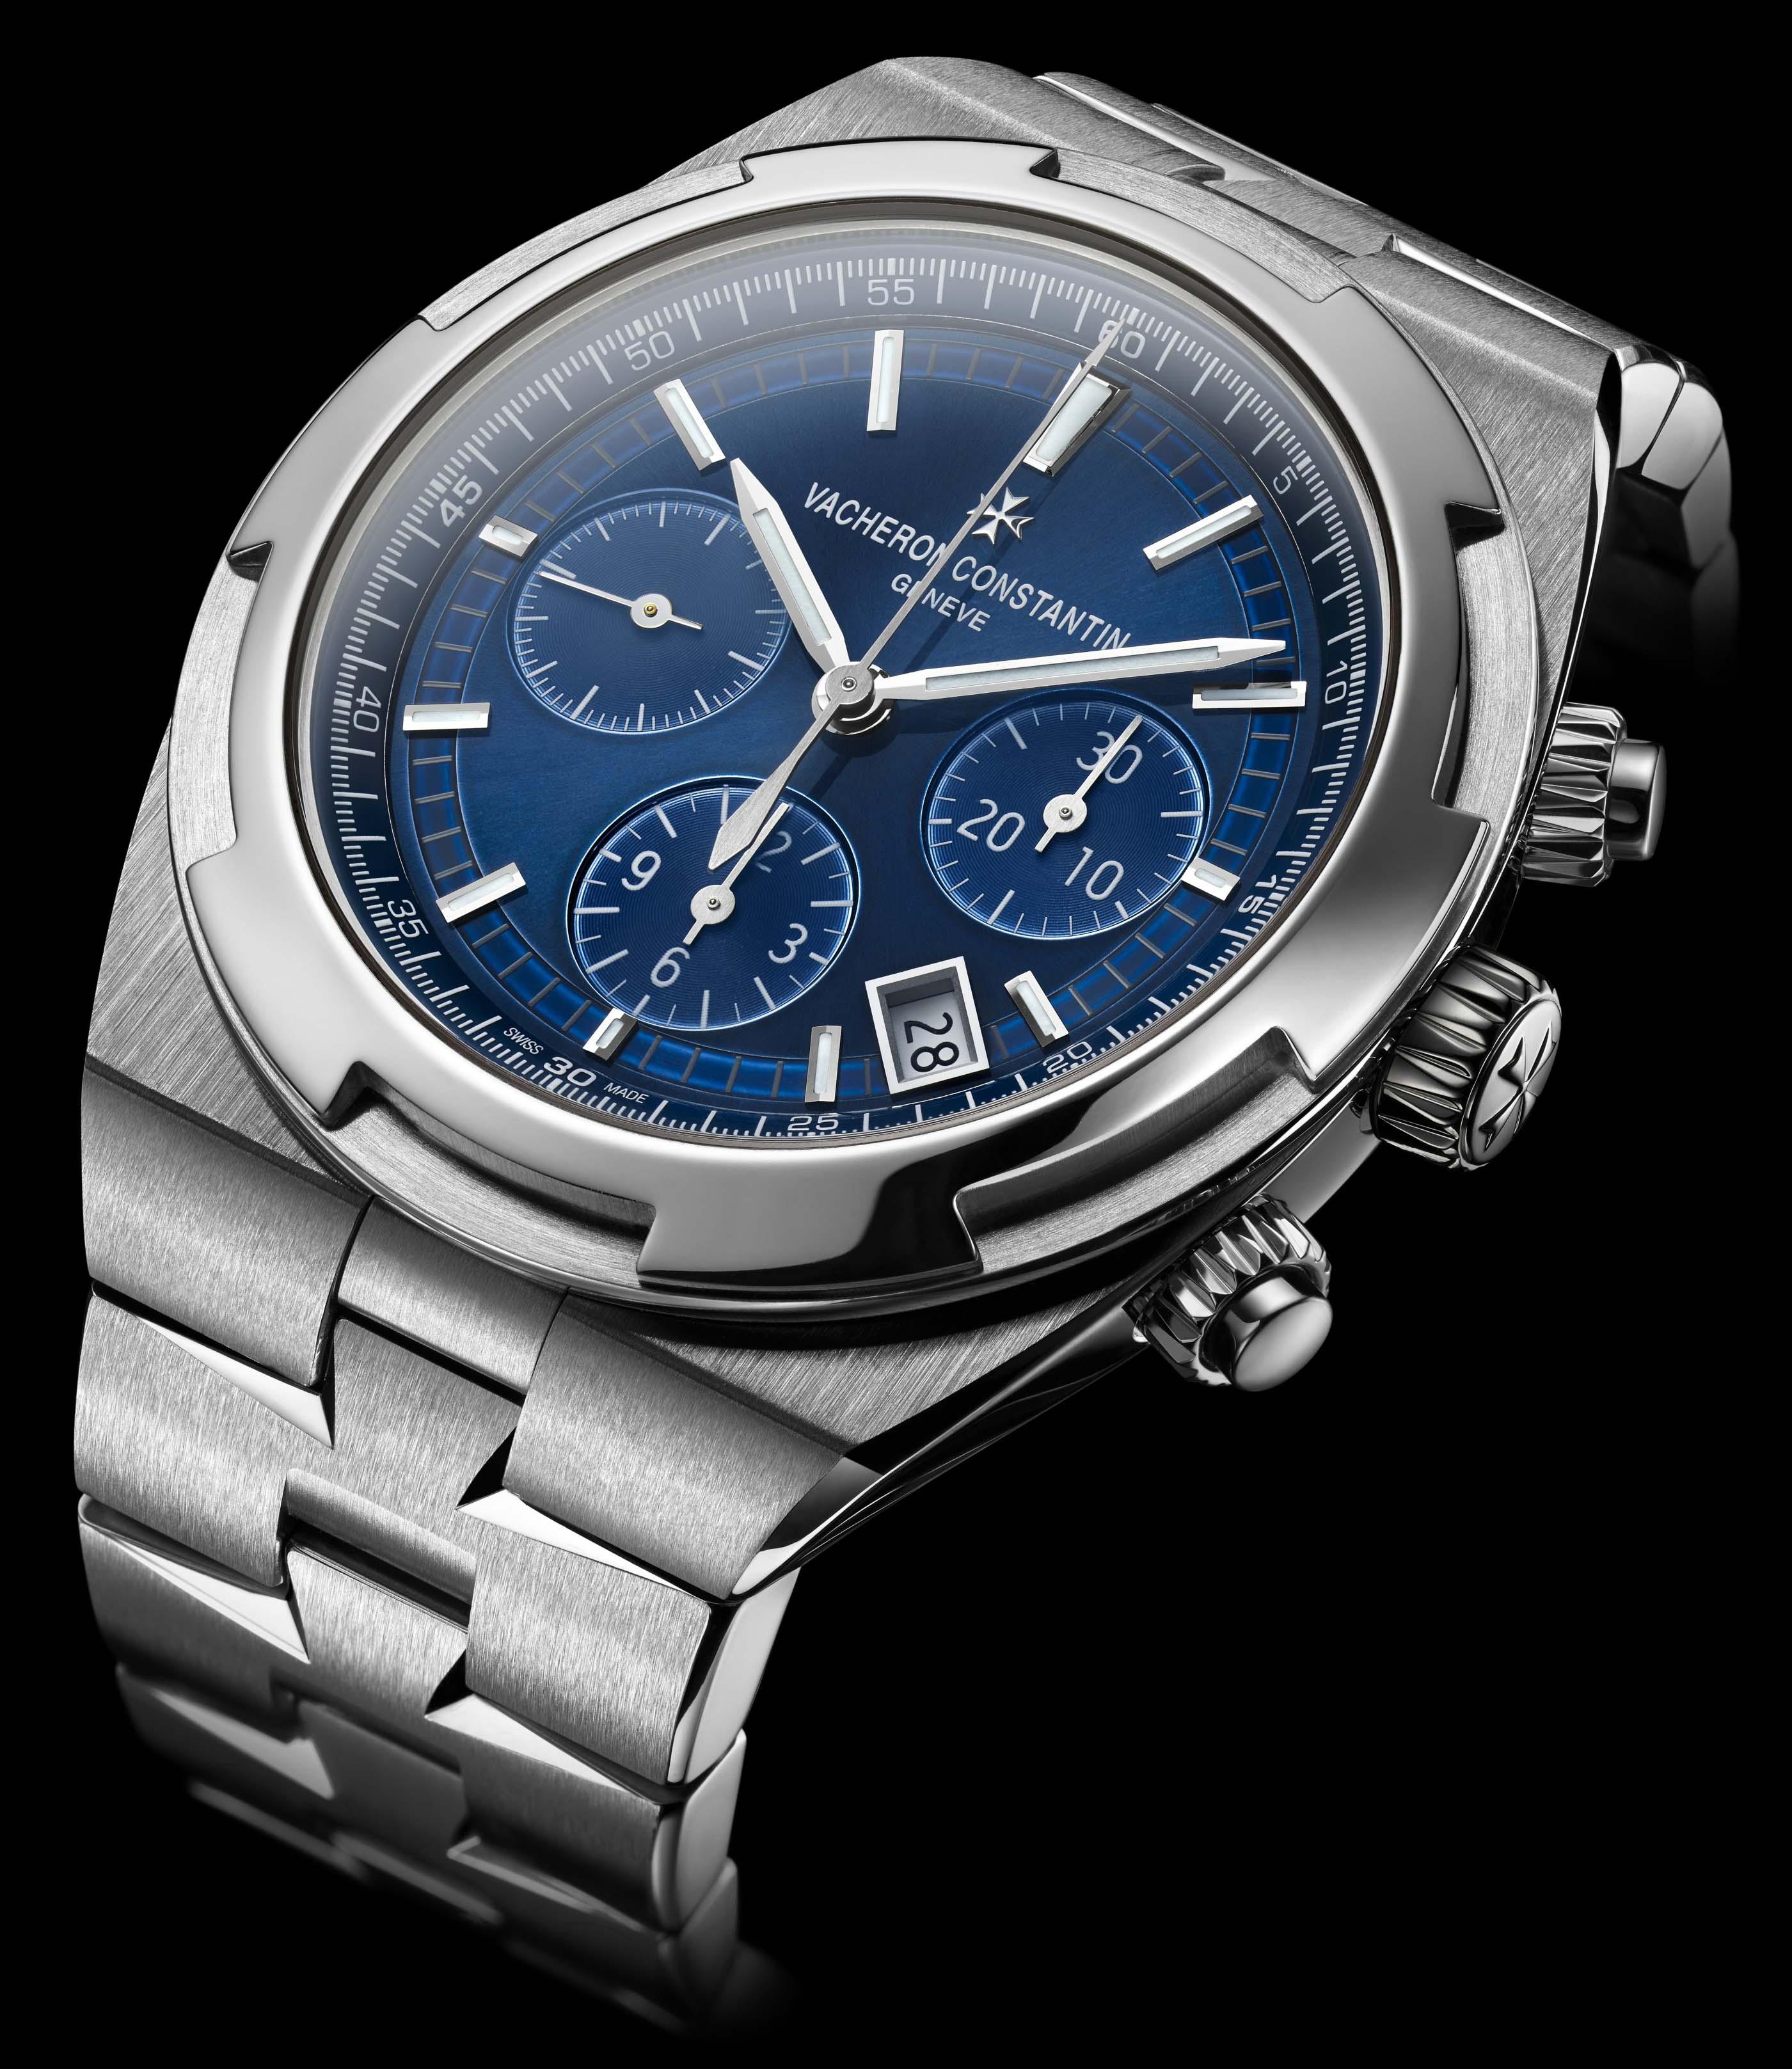 La Cote Des Montres Vacheron Constantin Overseas Chronograph Calibre 5200 Watch A Unique Perspective On The World